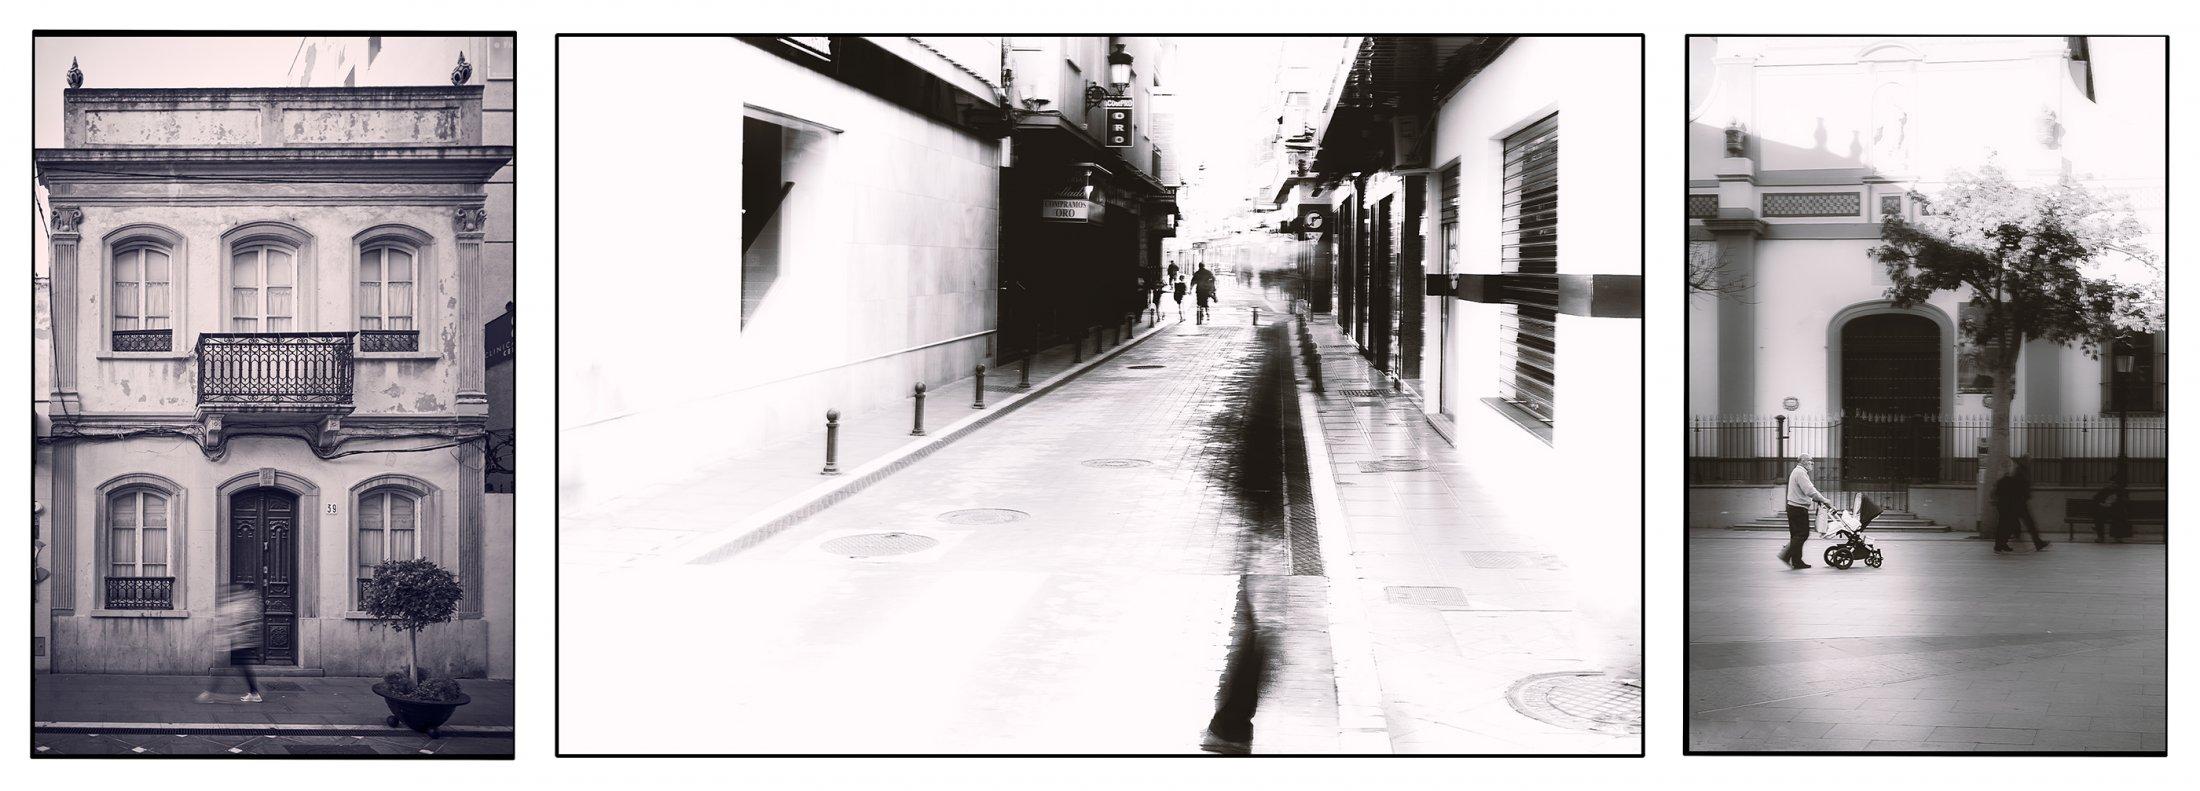 001-Pasando La Vida